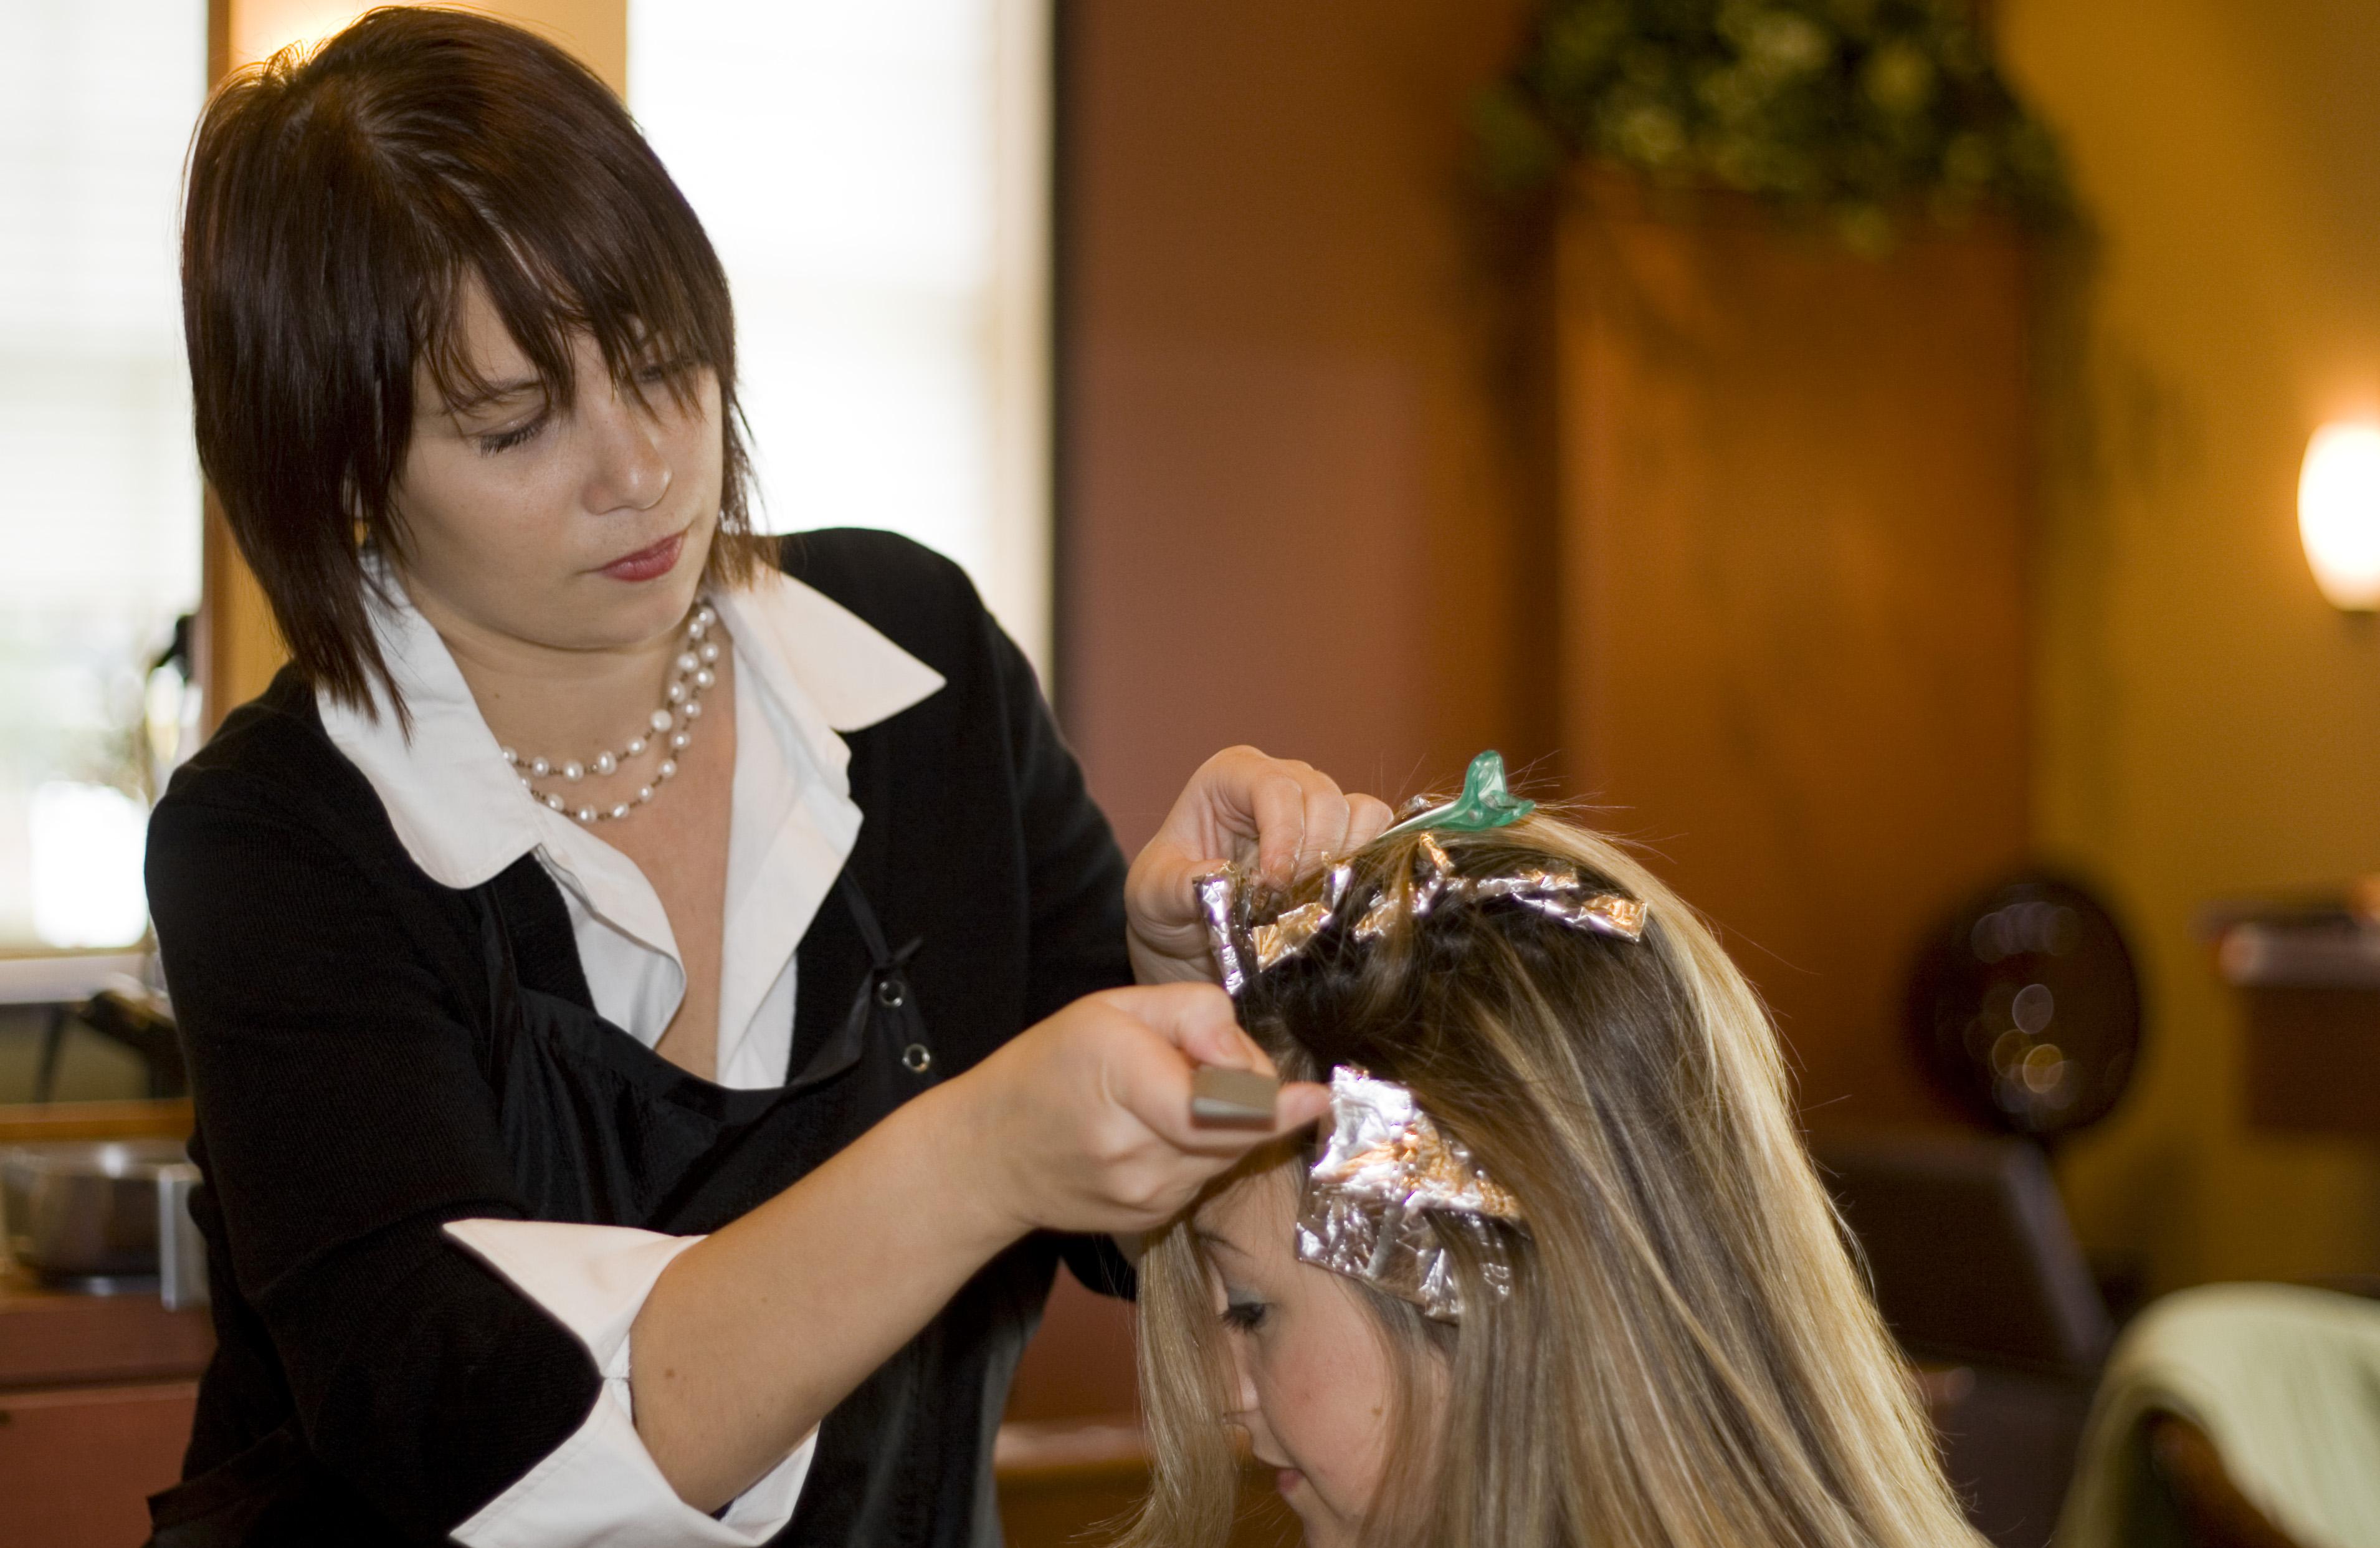 Окрашивание волос это Что такое Окрашивание волос